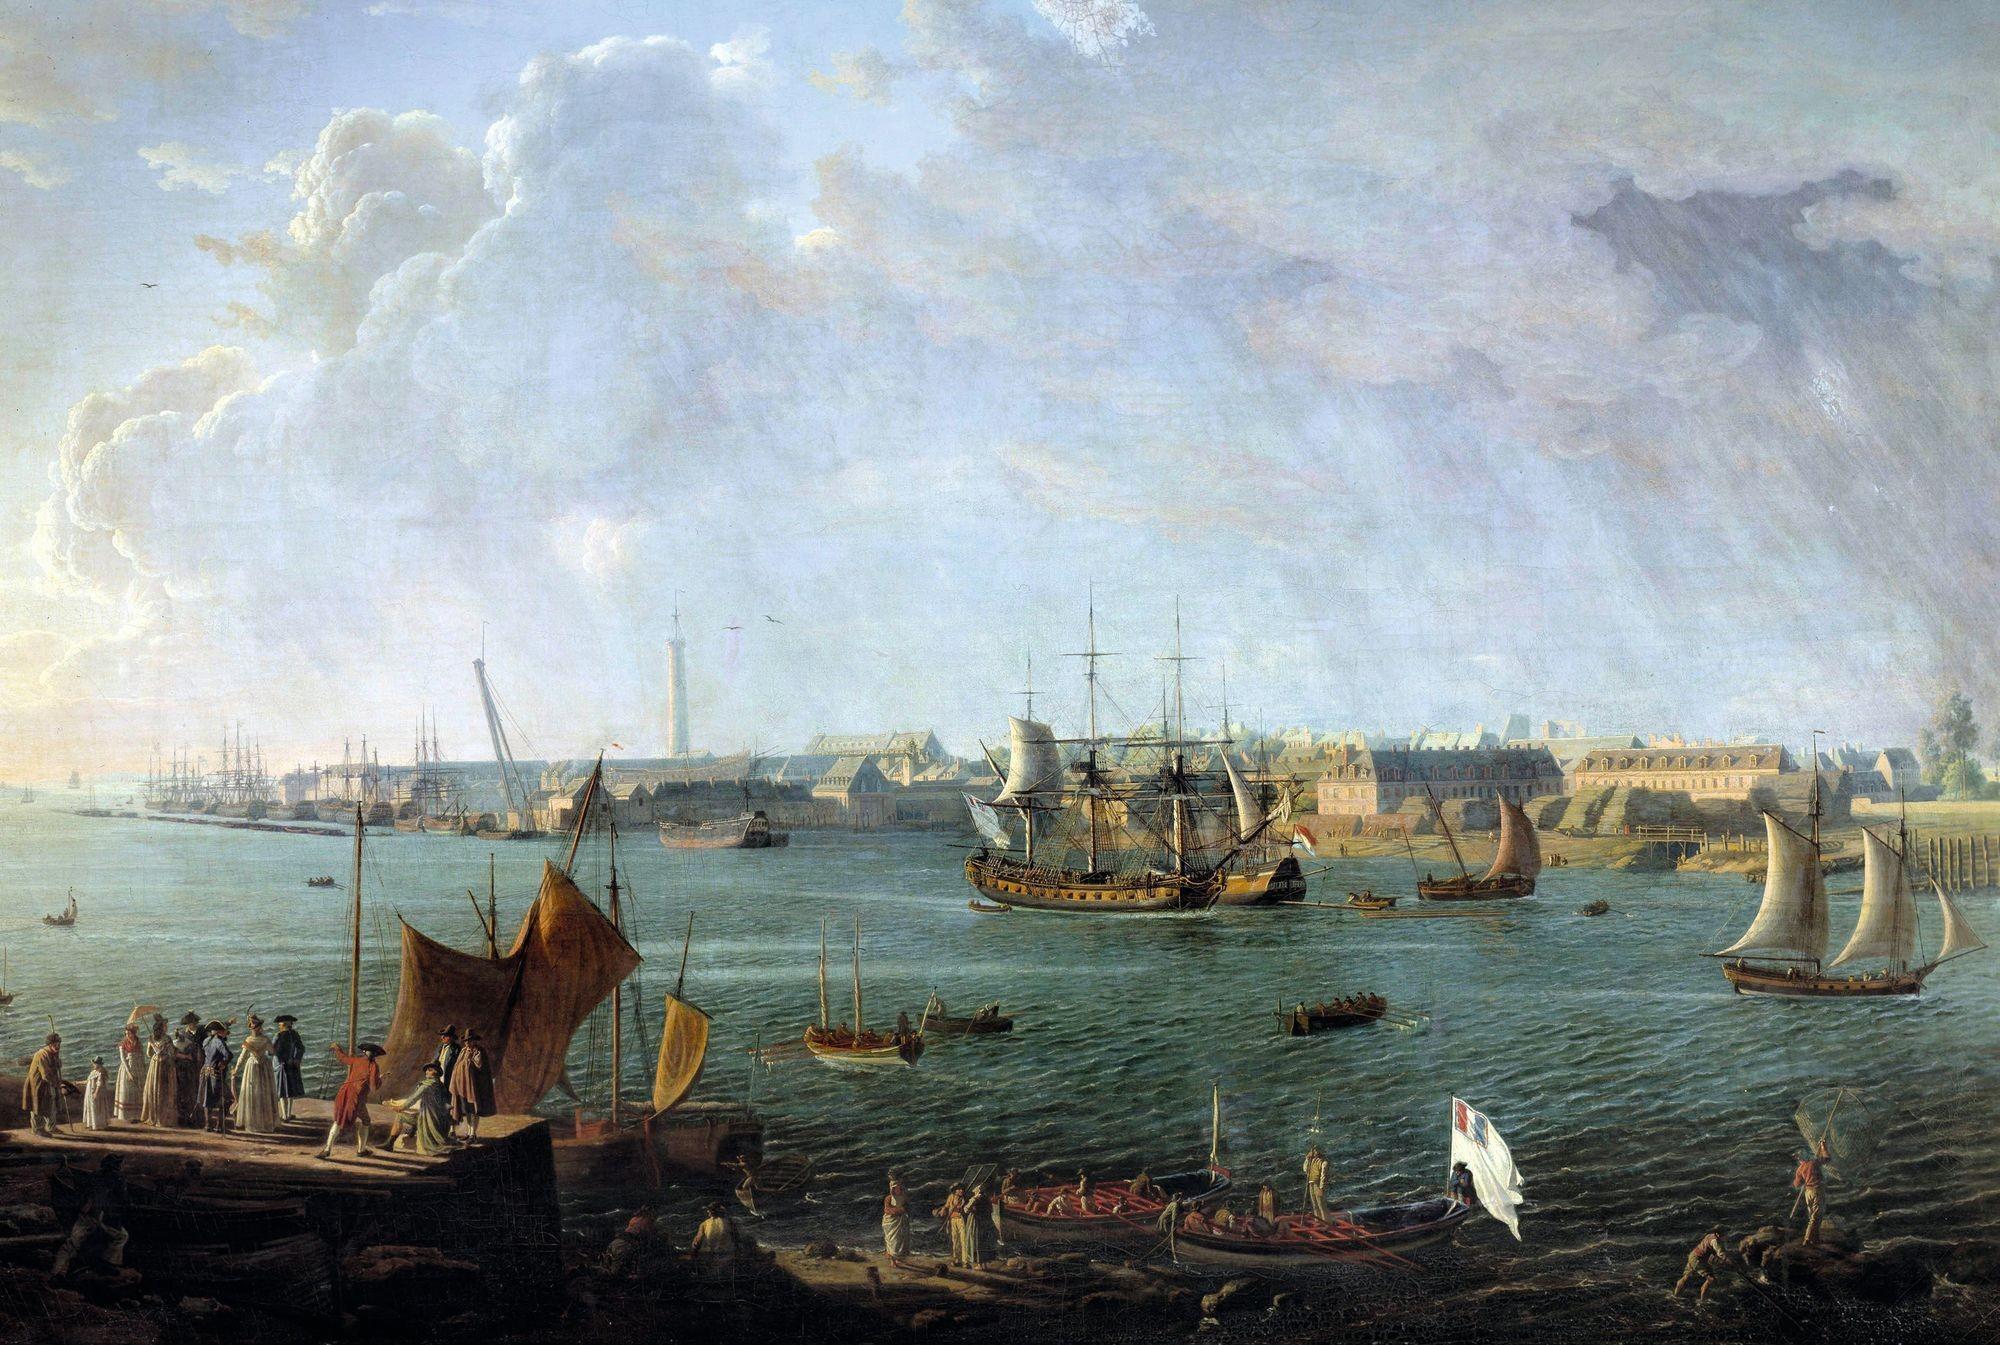 Jean-François Hue, Vue du port de Lorient, 1792, huile sur toile (détail), 117 x 176 cm, musée du Louvre, Paris